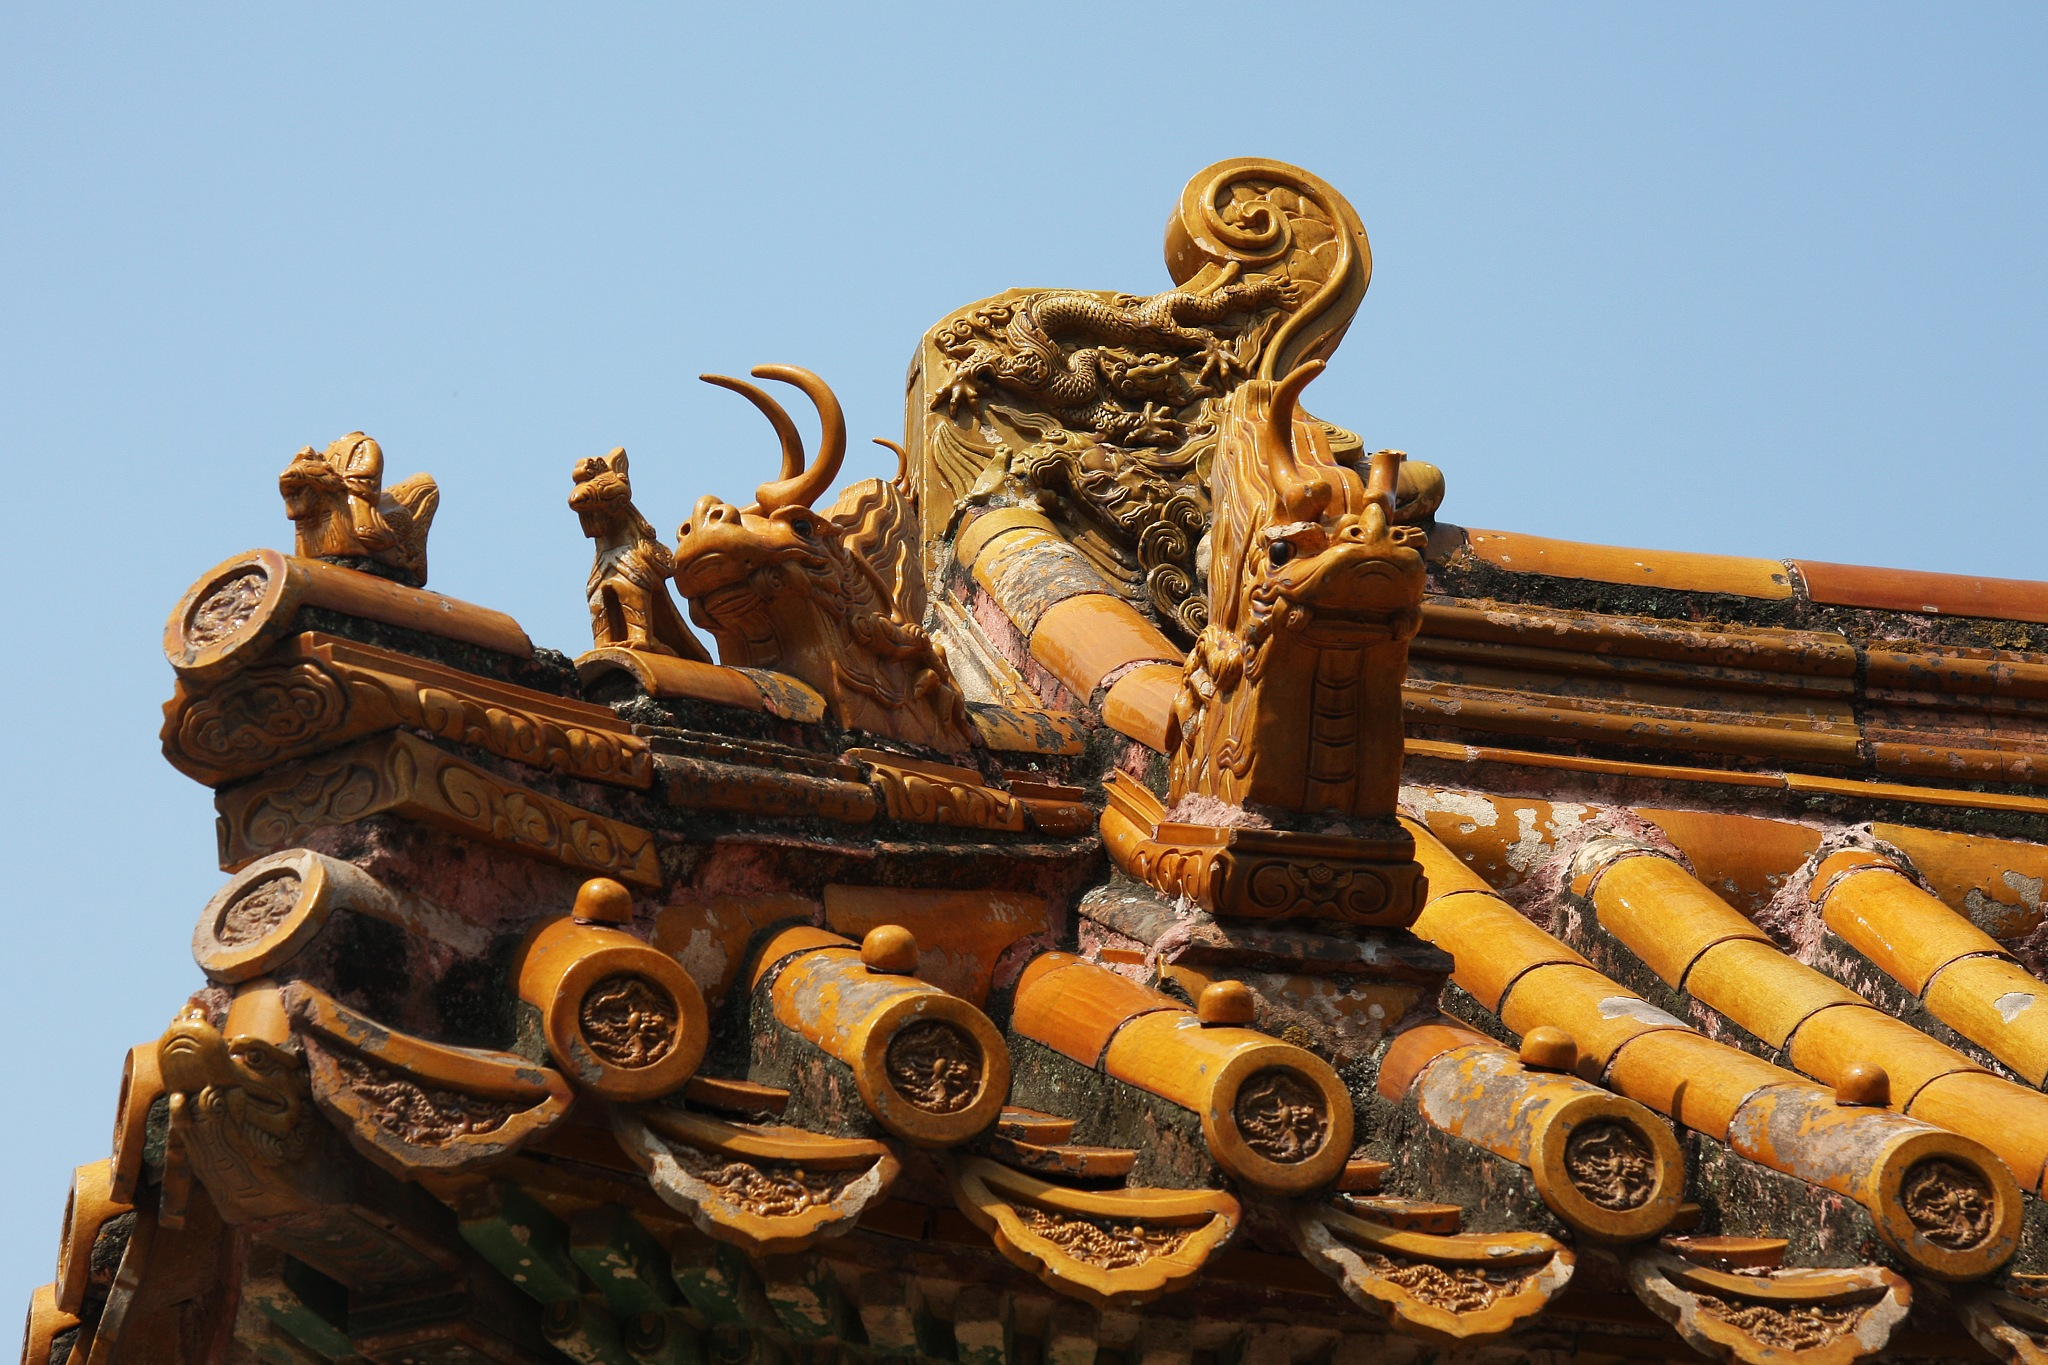 Detail, Ming tombs by Erik Kjær